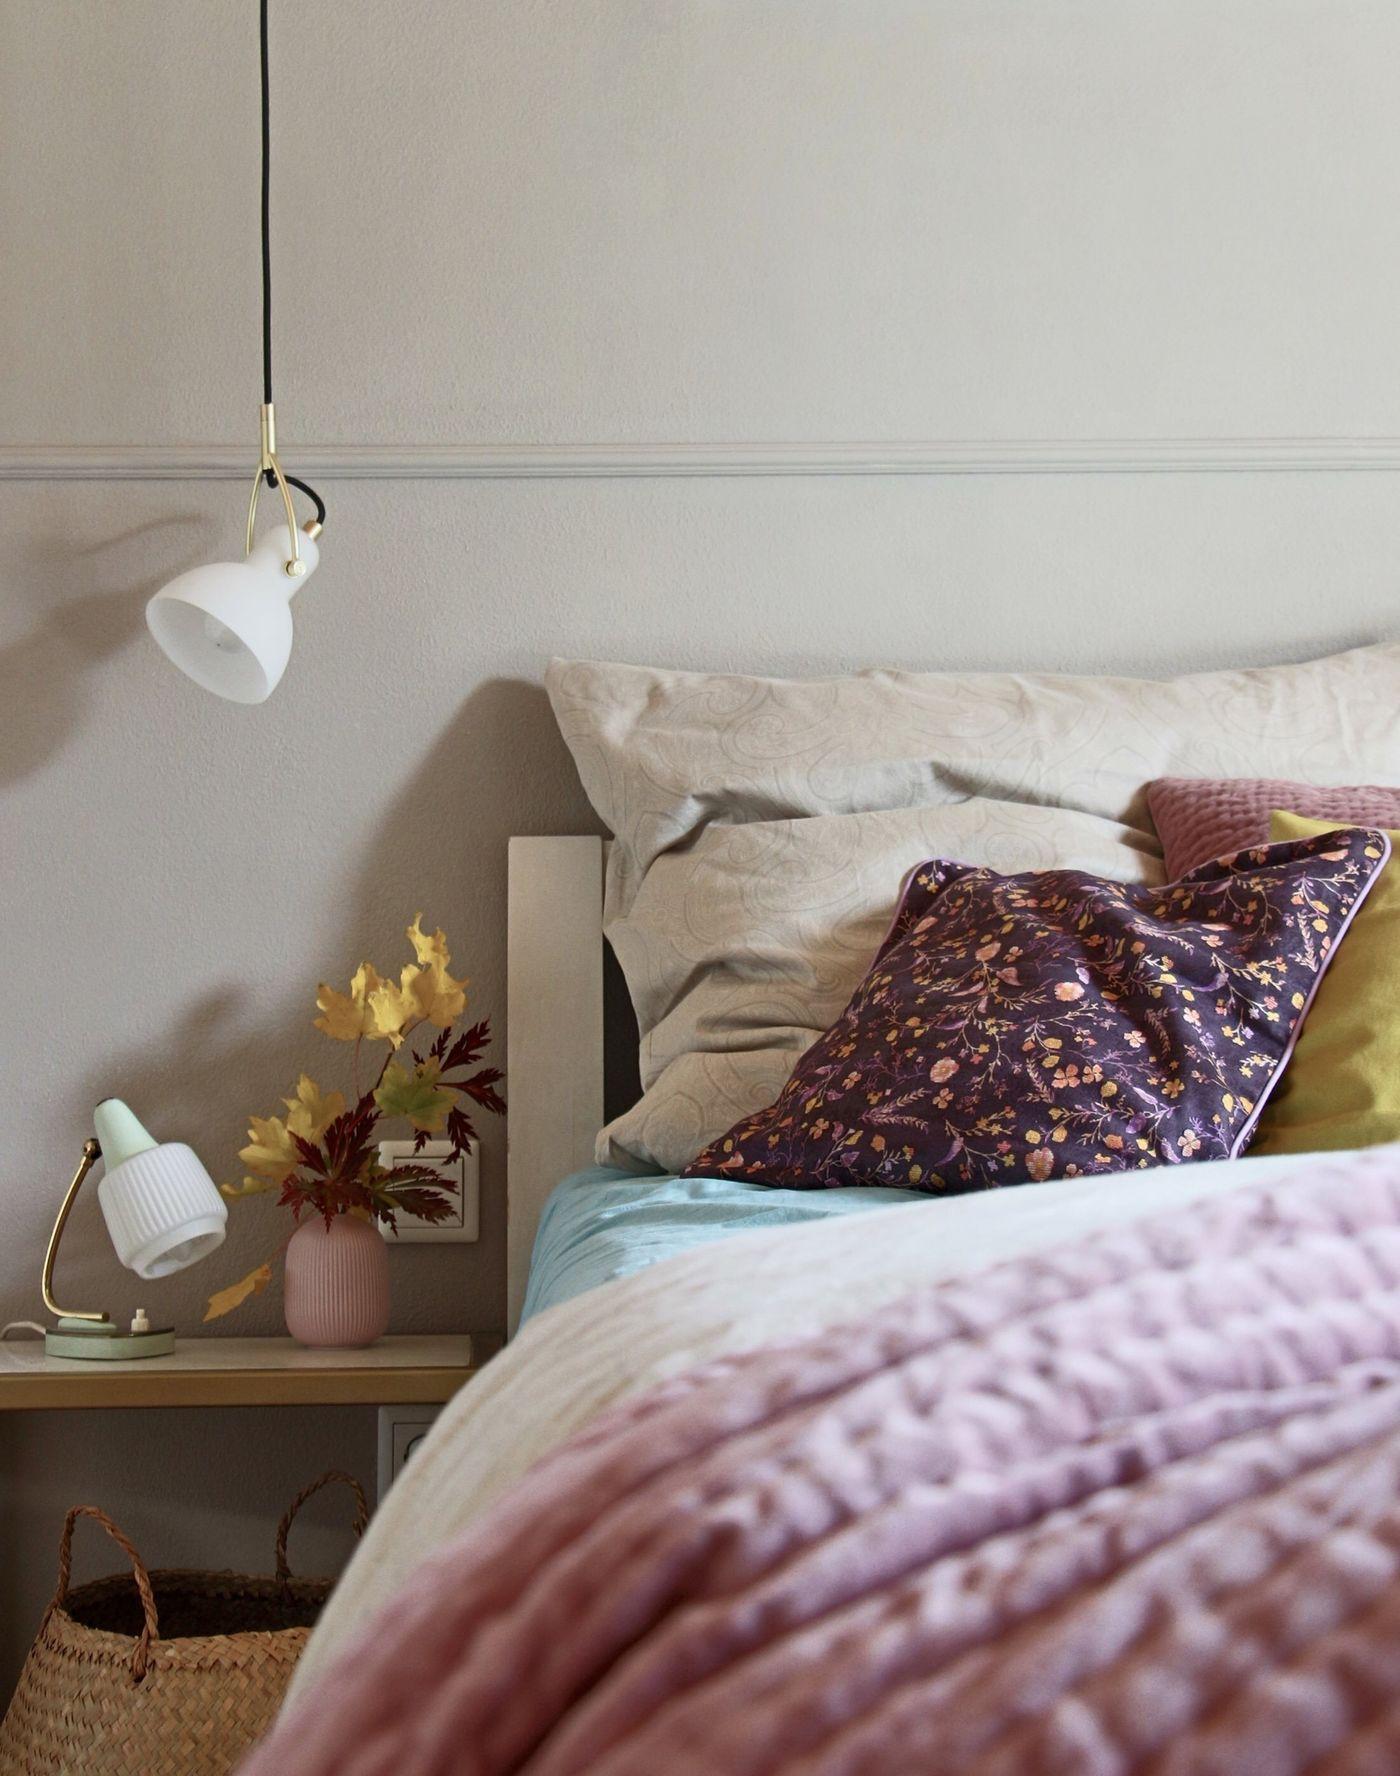 die sch nsten ideen f r dein bett seite 24. Black Bedroom Furniture Sets. Home Design Ideas